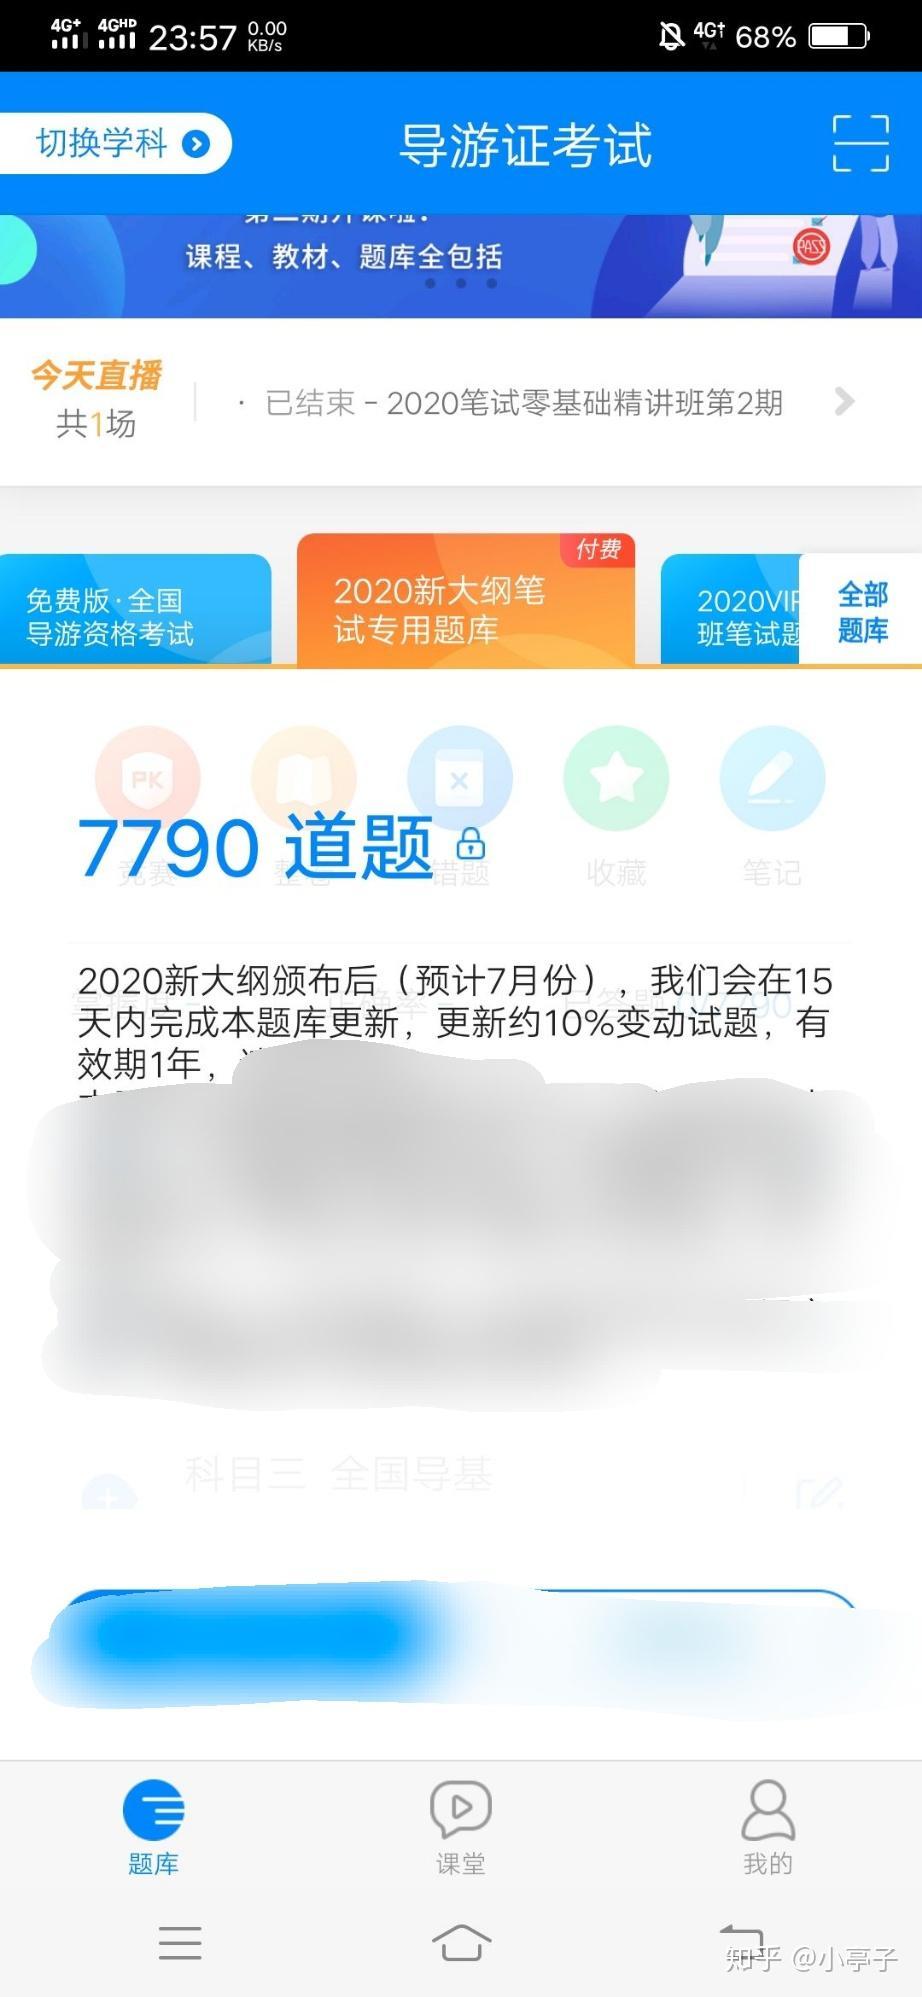 导游证照片要求_2020年导游证备考(超详细) - 知乎